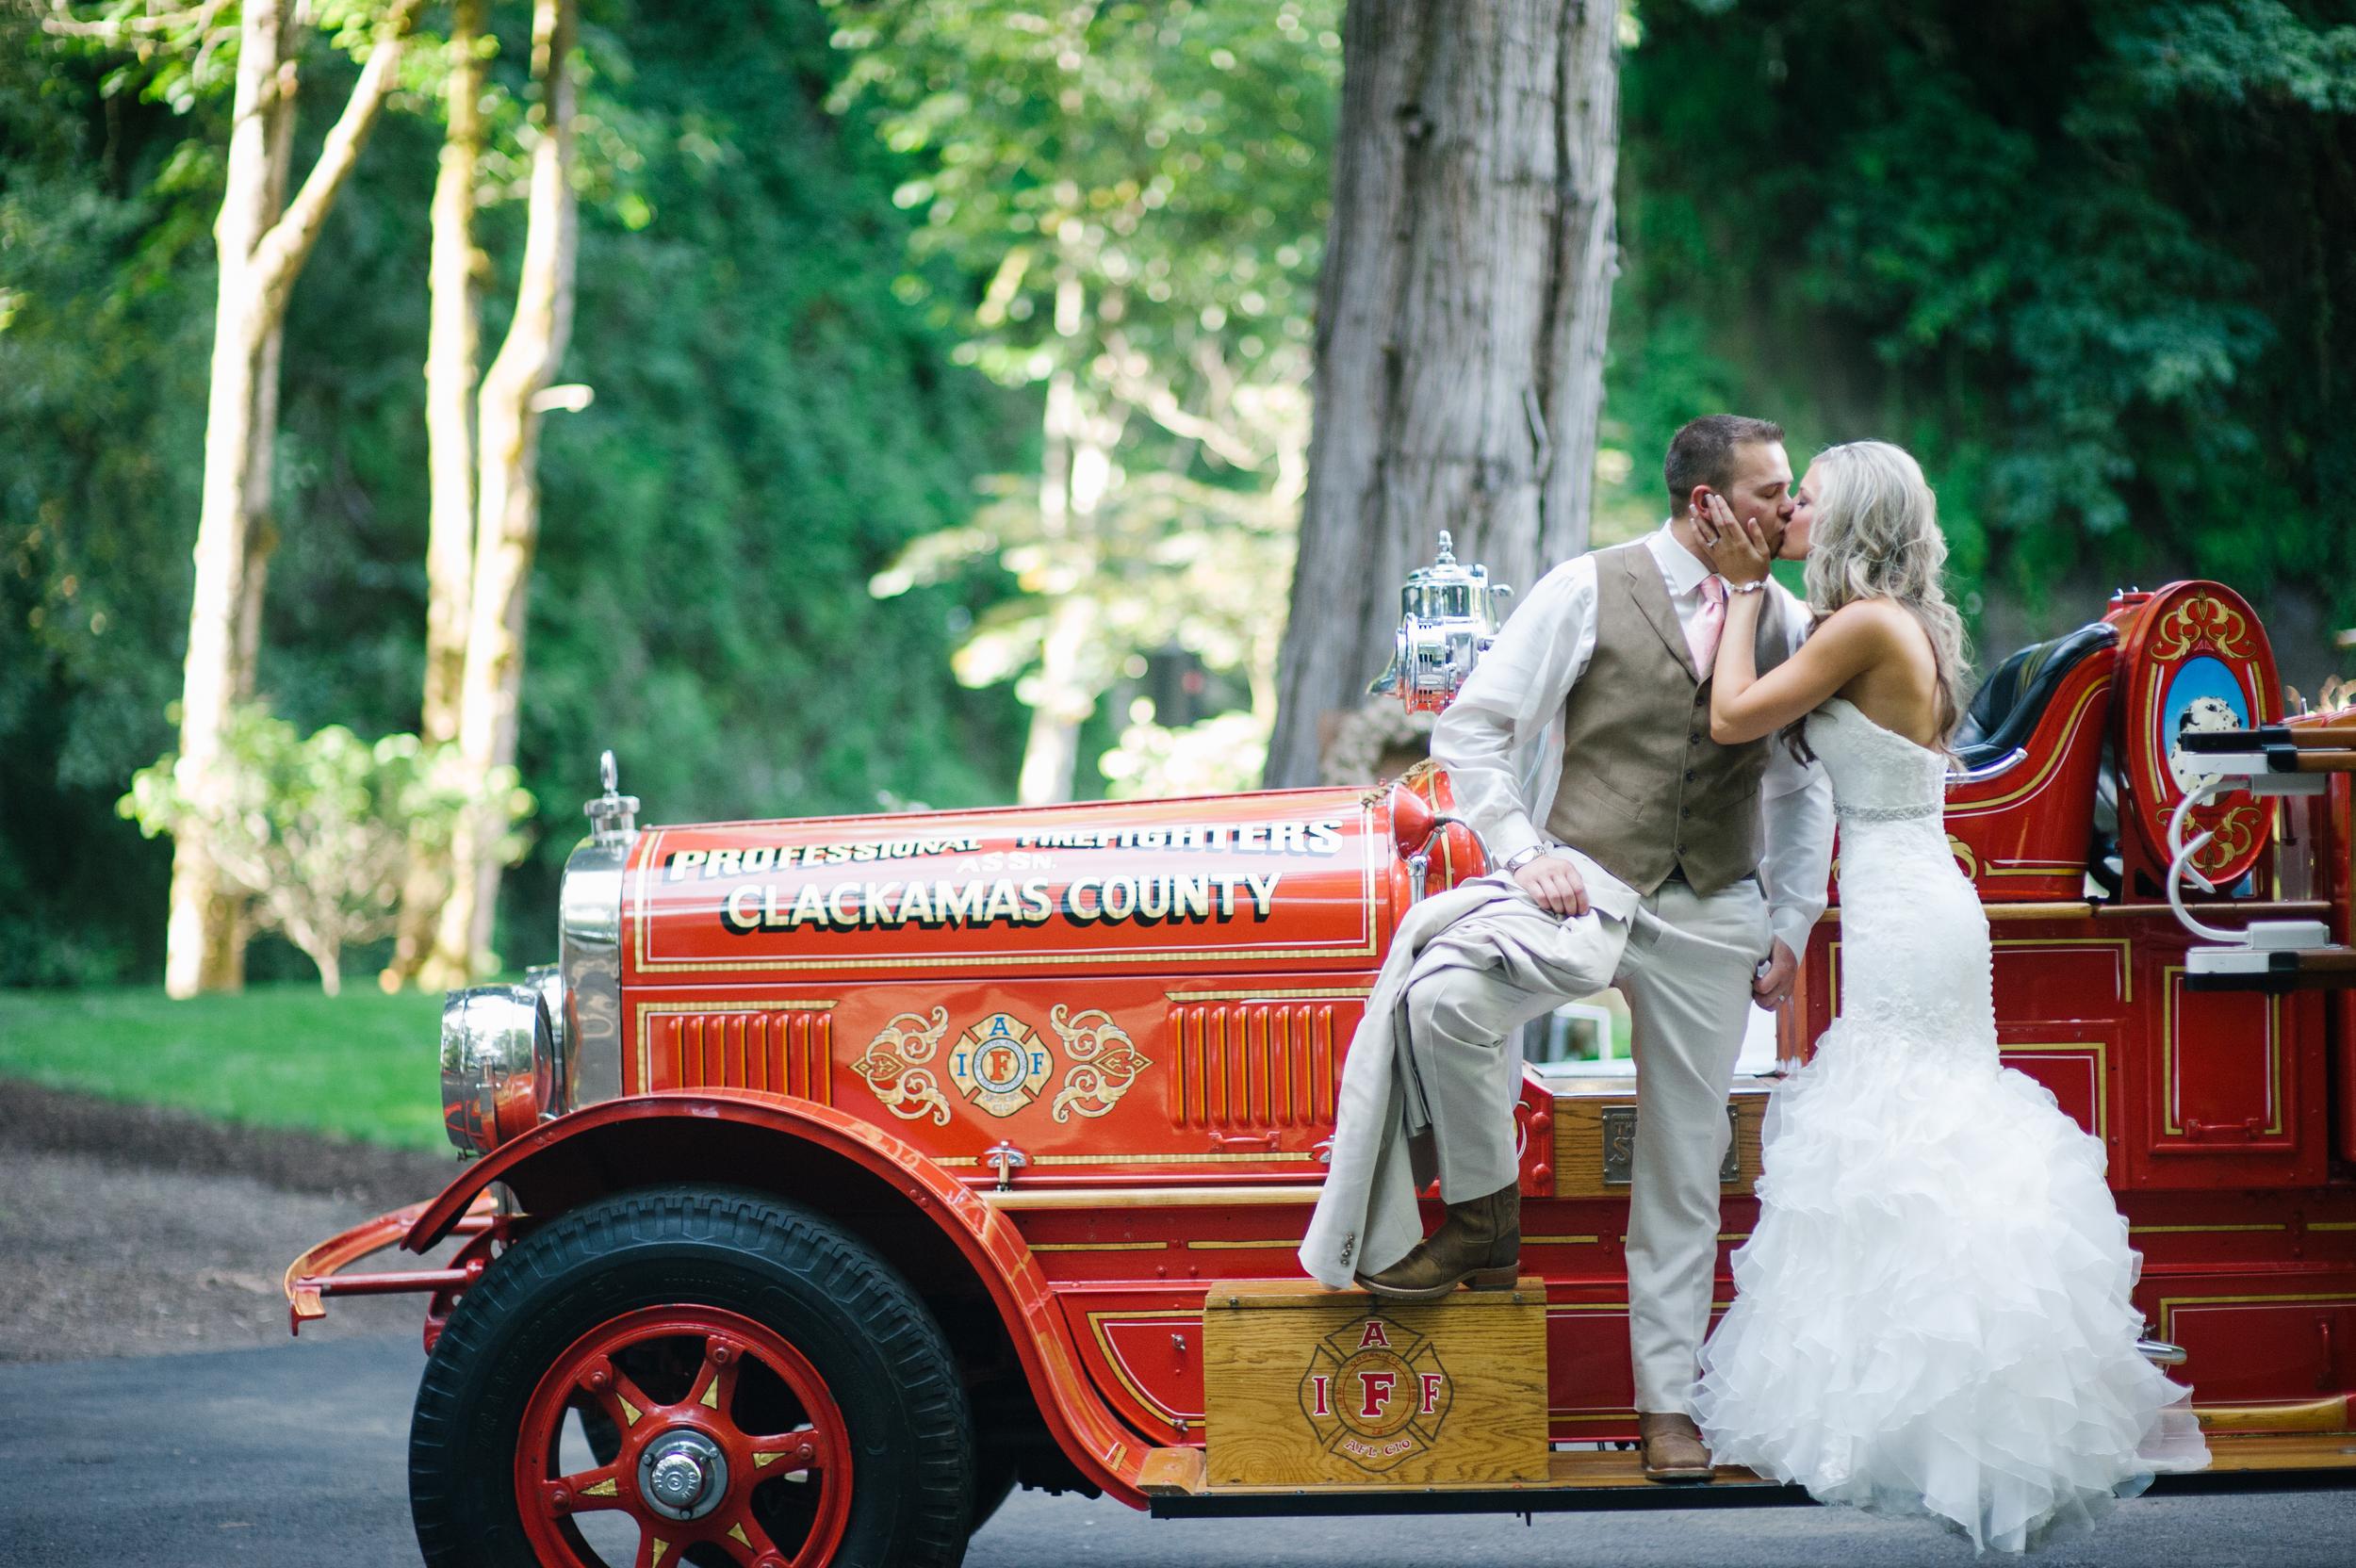 firefighter_wedding_carver_or_christa_taylor-163